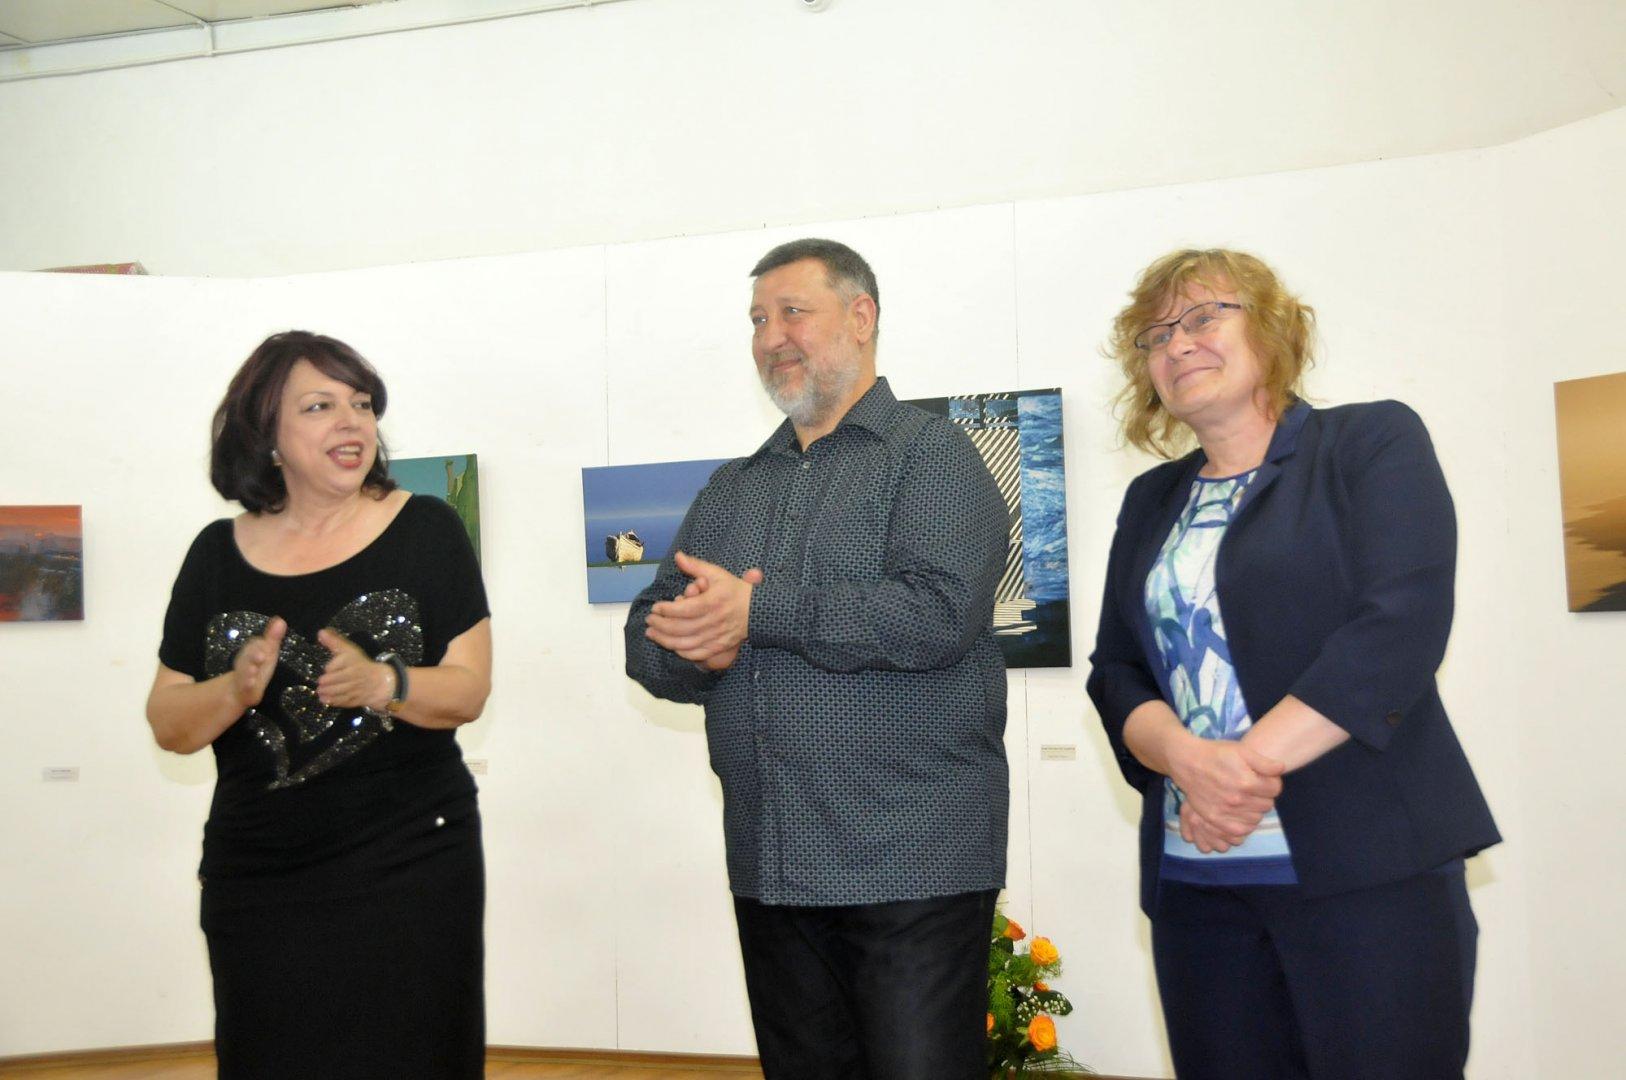 БФО откри изложбата си в залата на галерия Петко Задгорски. Снимки Лина Главинова